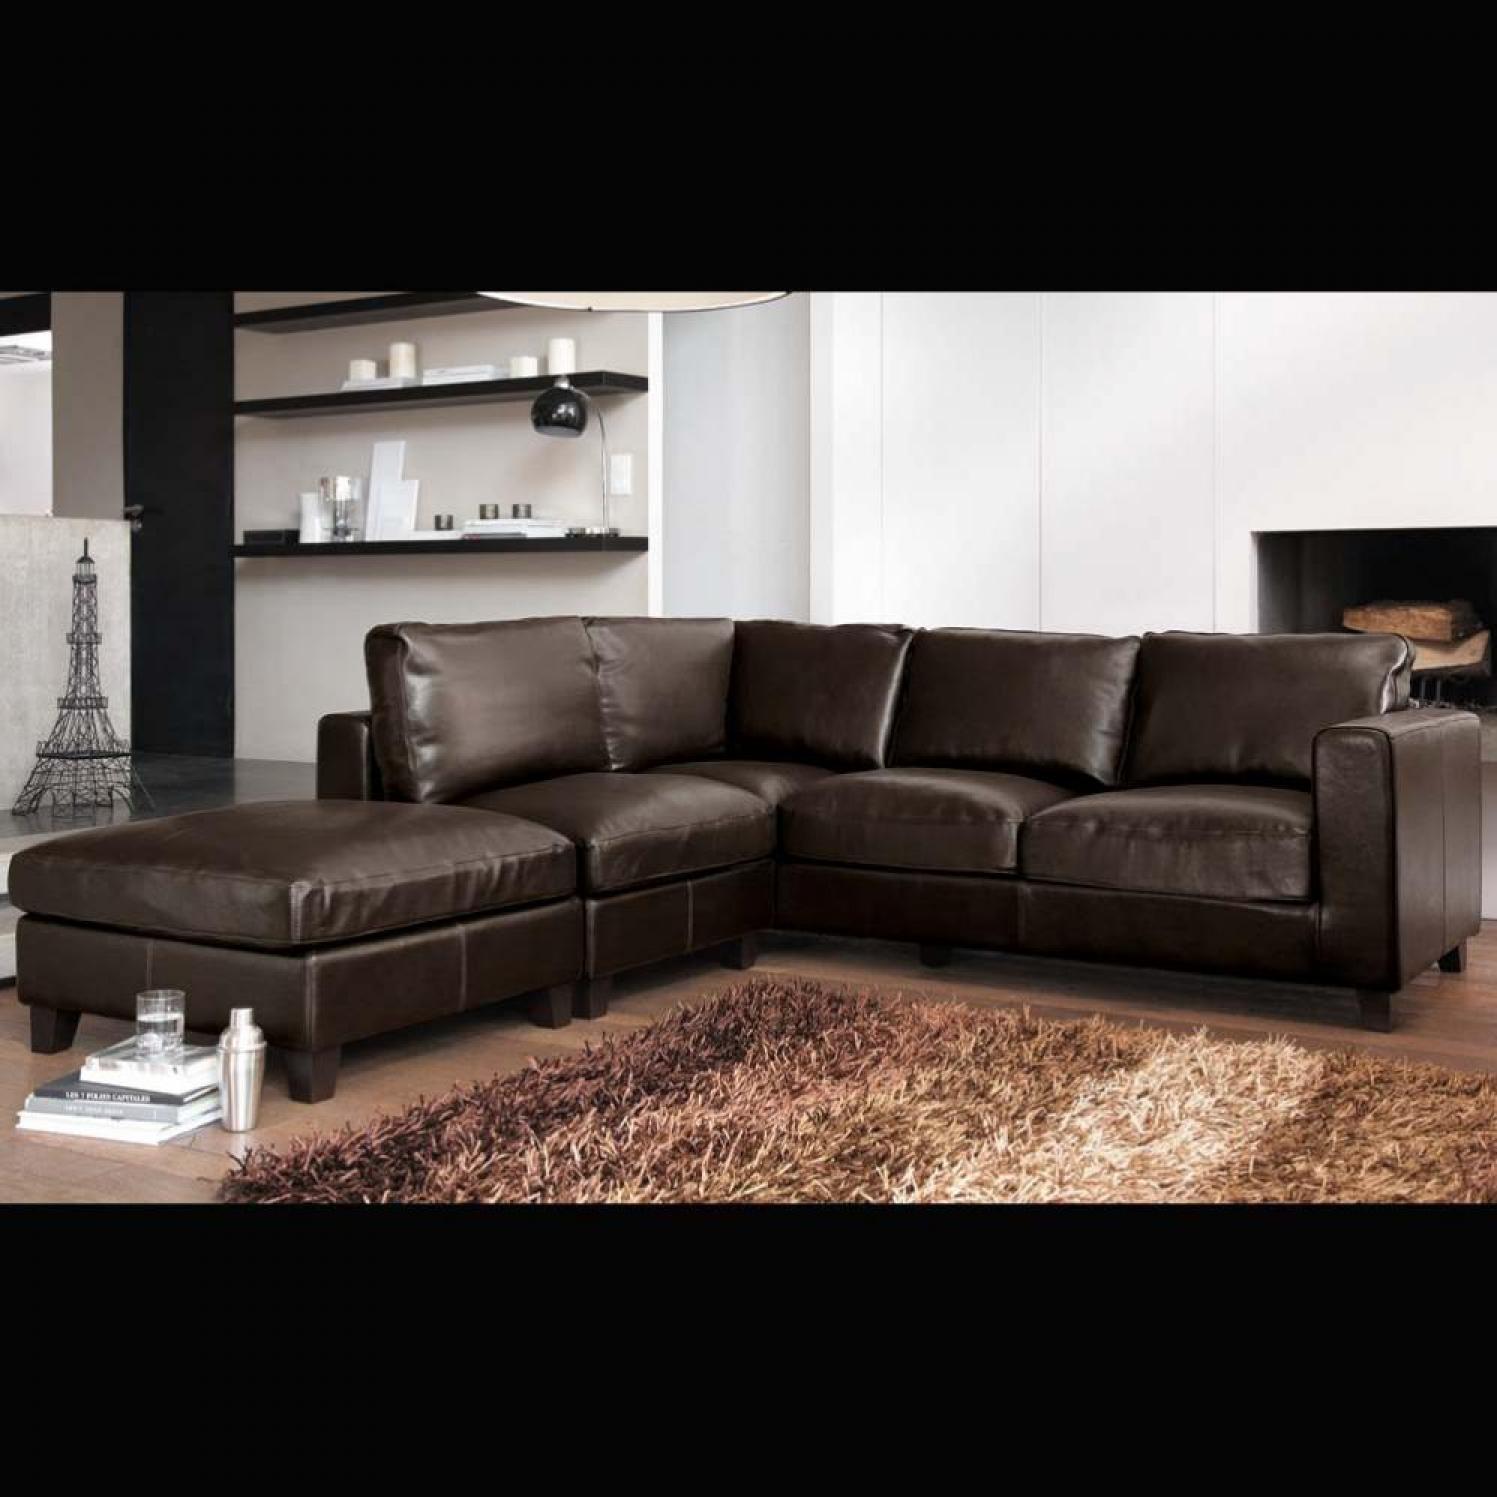 canap jules maison du monde avis id e pour cuisine. Black Bedroom Furniture Sets. Home Design Ideas